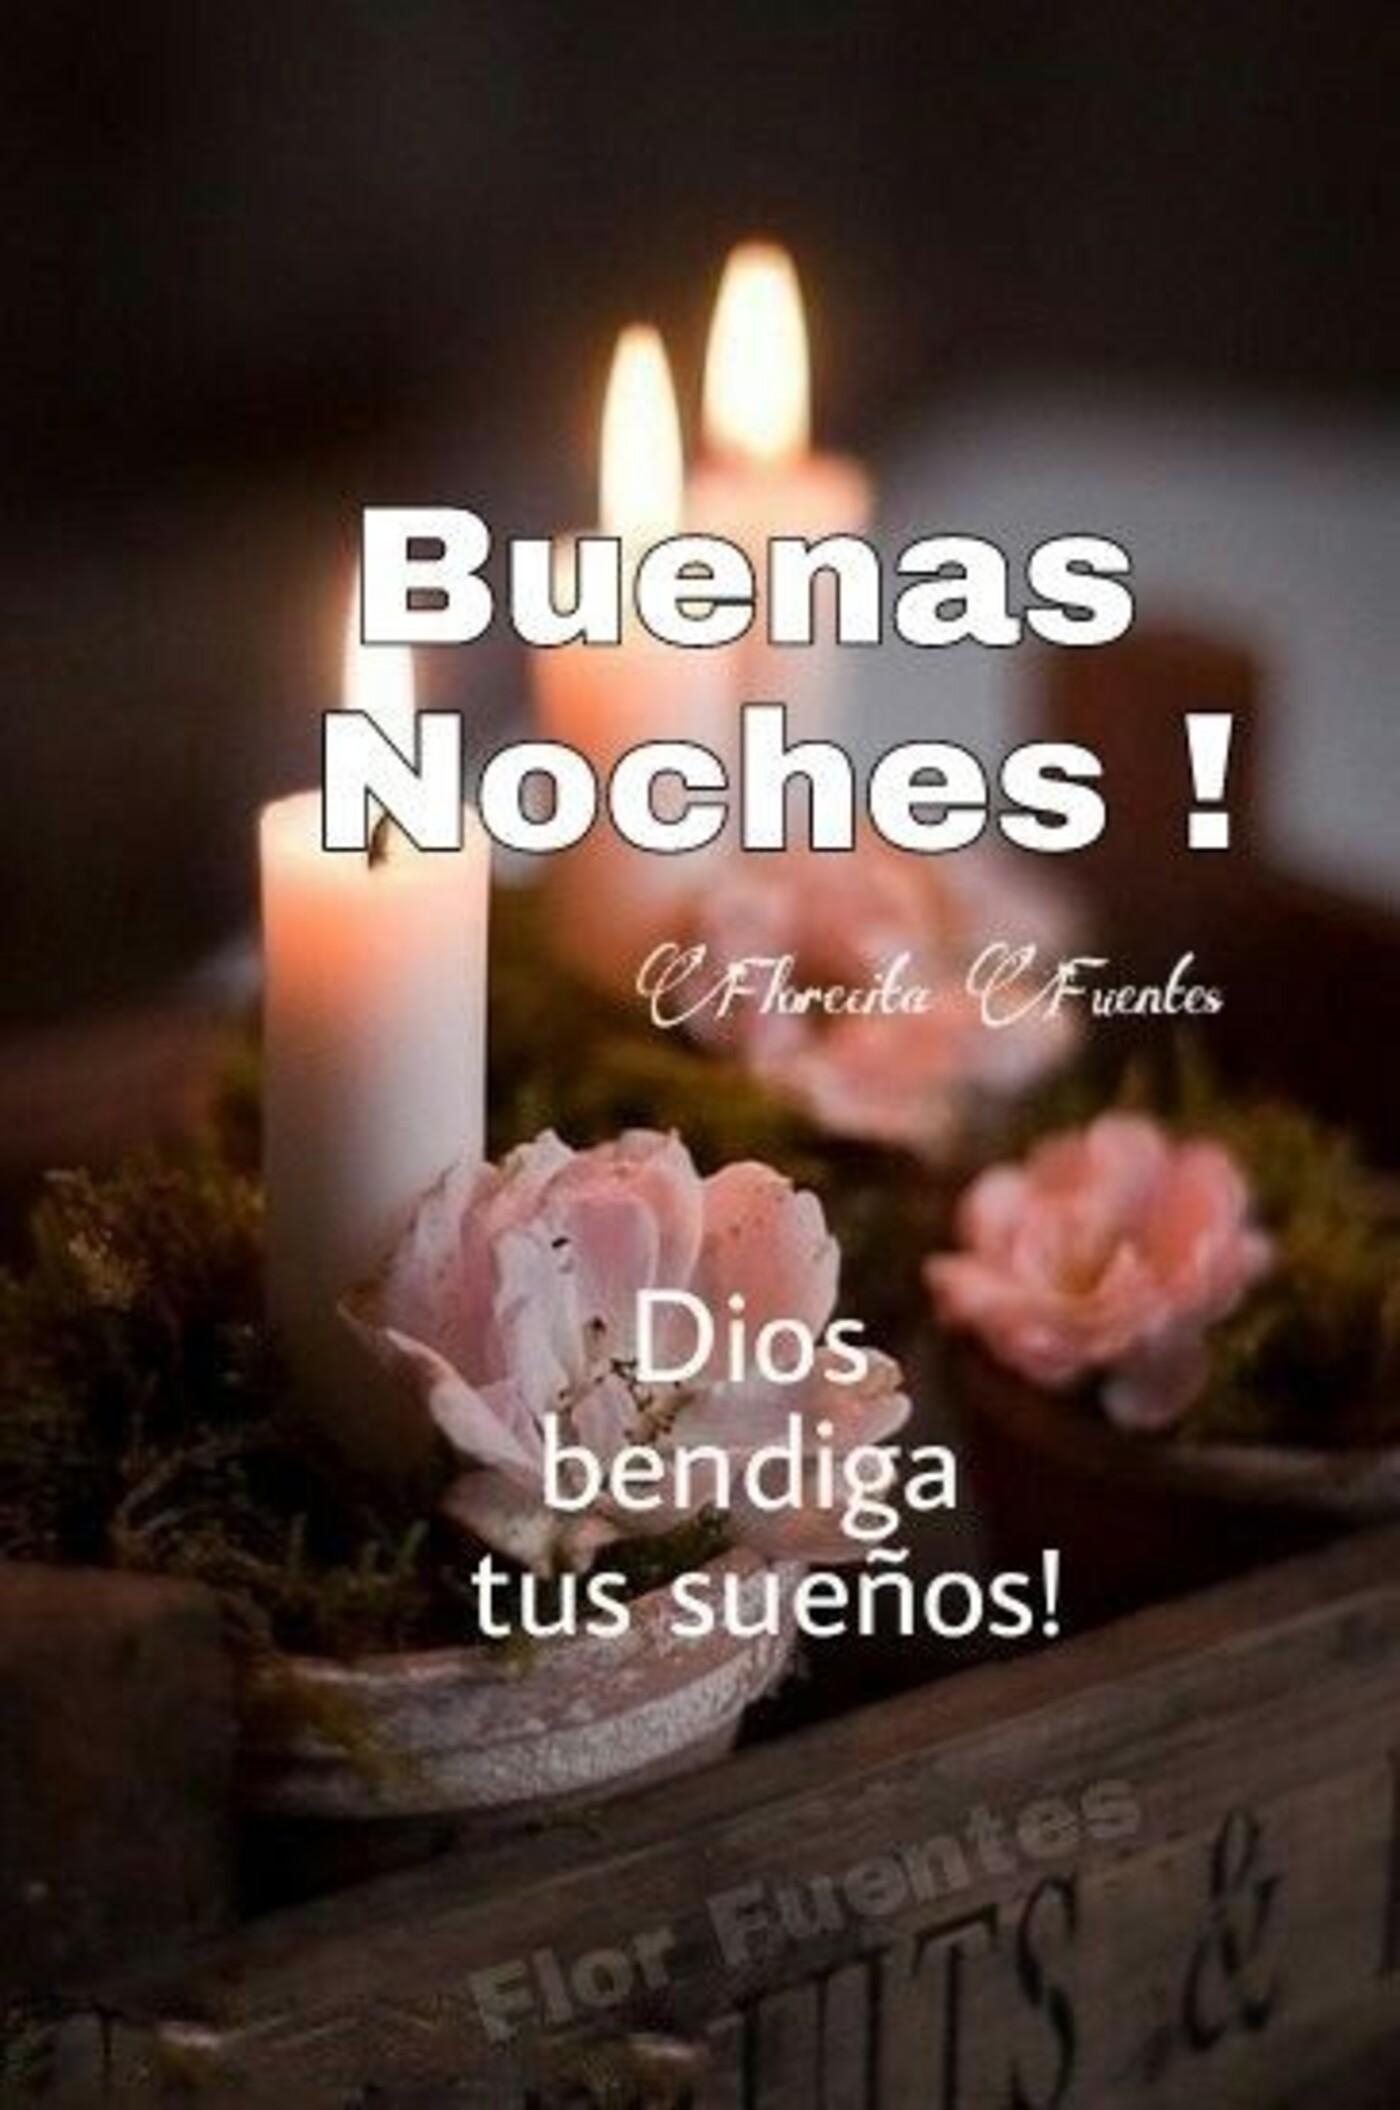 Buenas noches! Dios te bendiga tus sueños